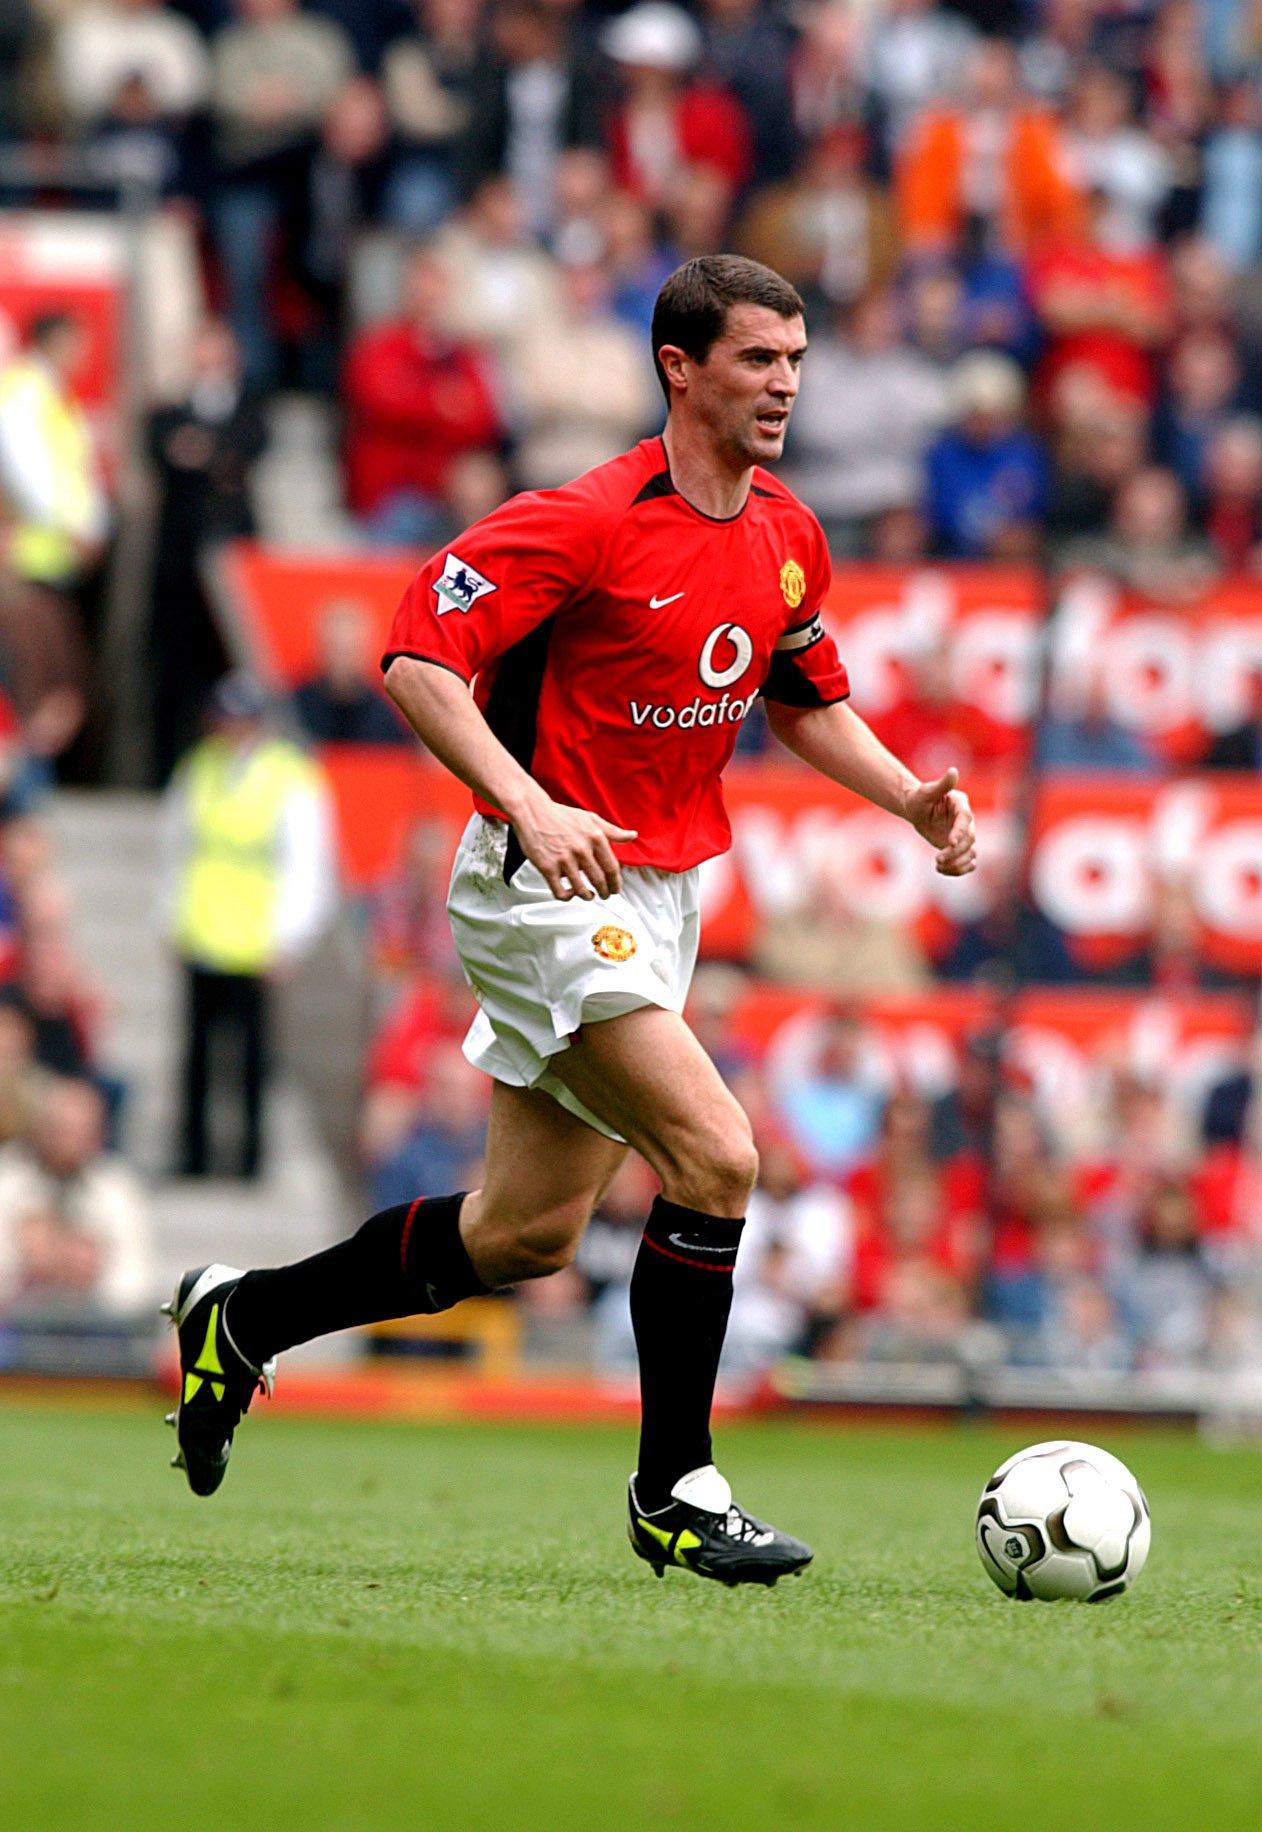 Happy birthday to Manchester United legend, Roy Keane!